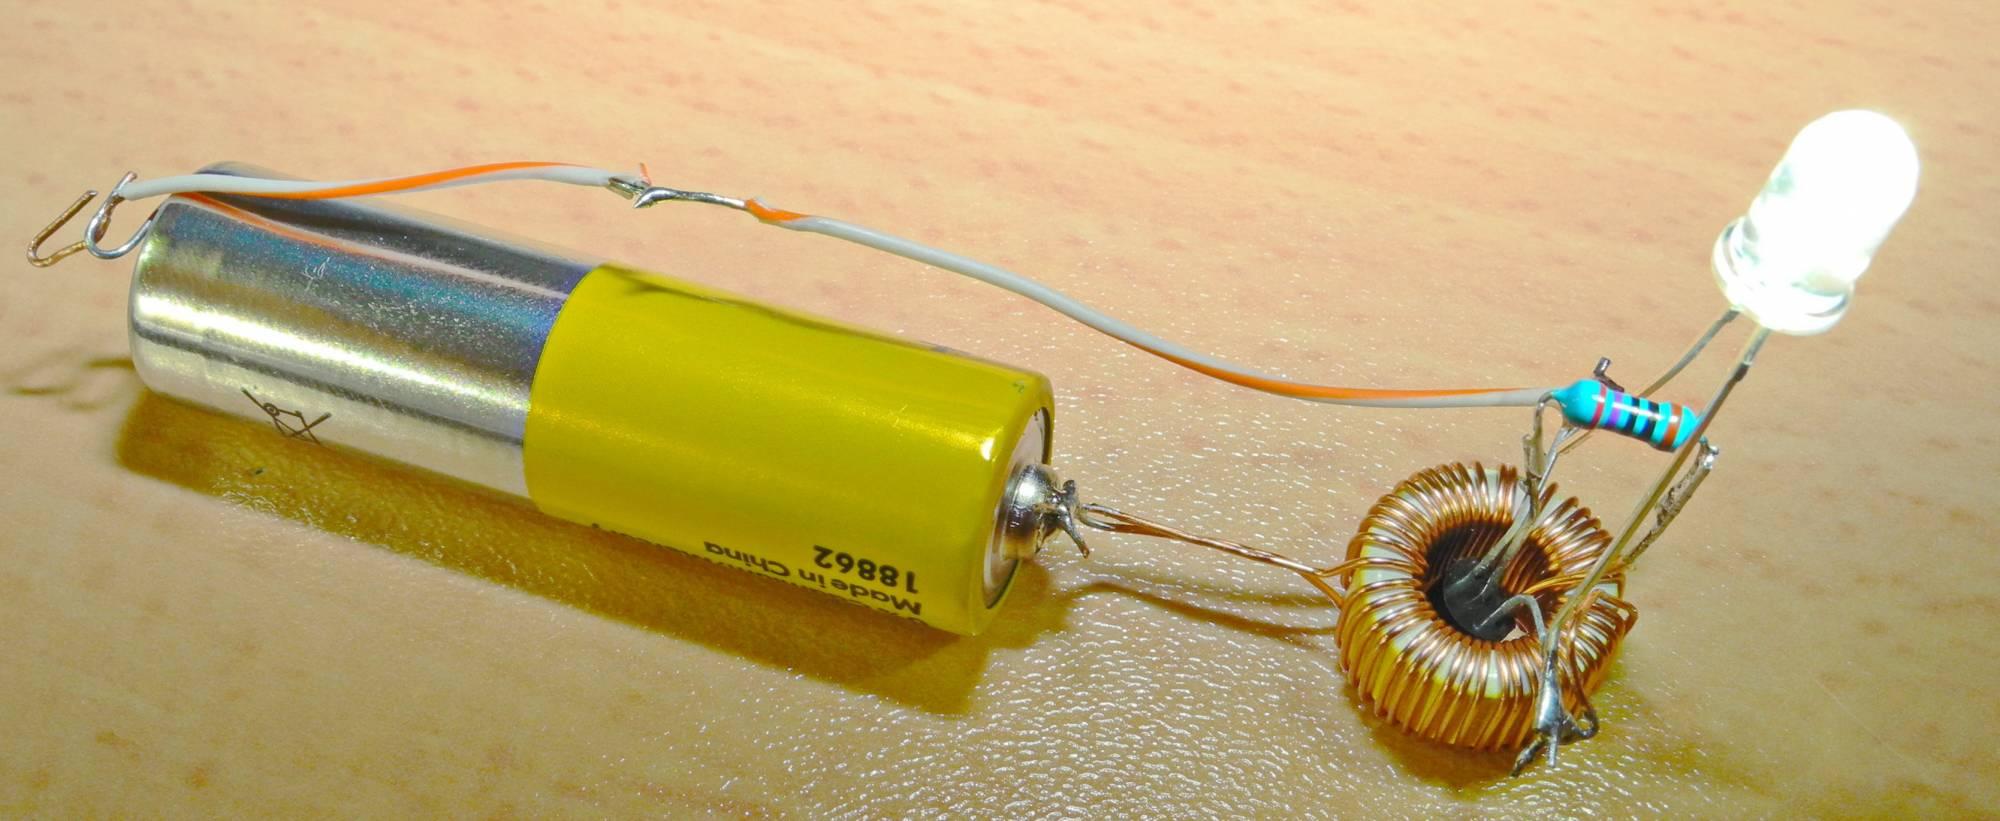 Питание одной батарейкой своими руками 954